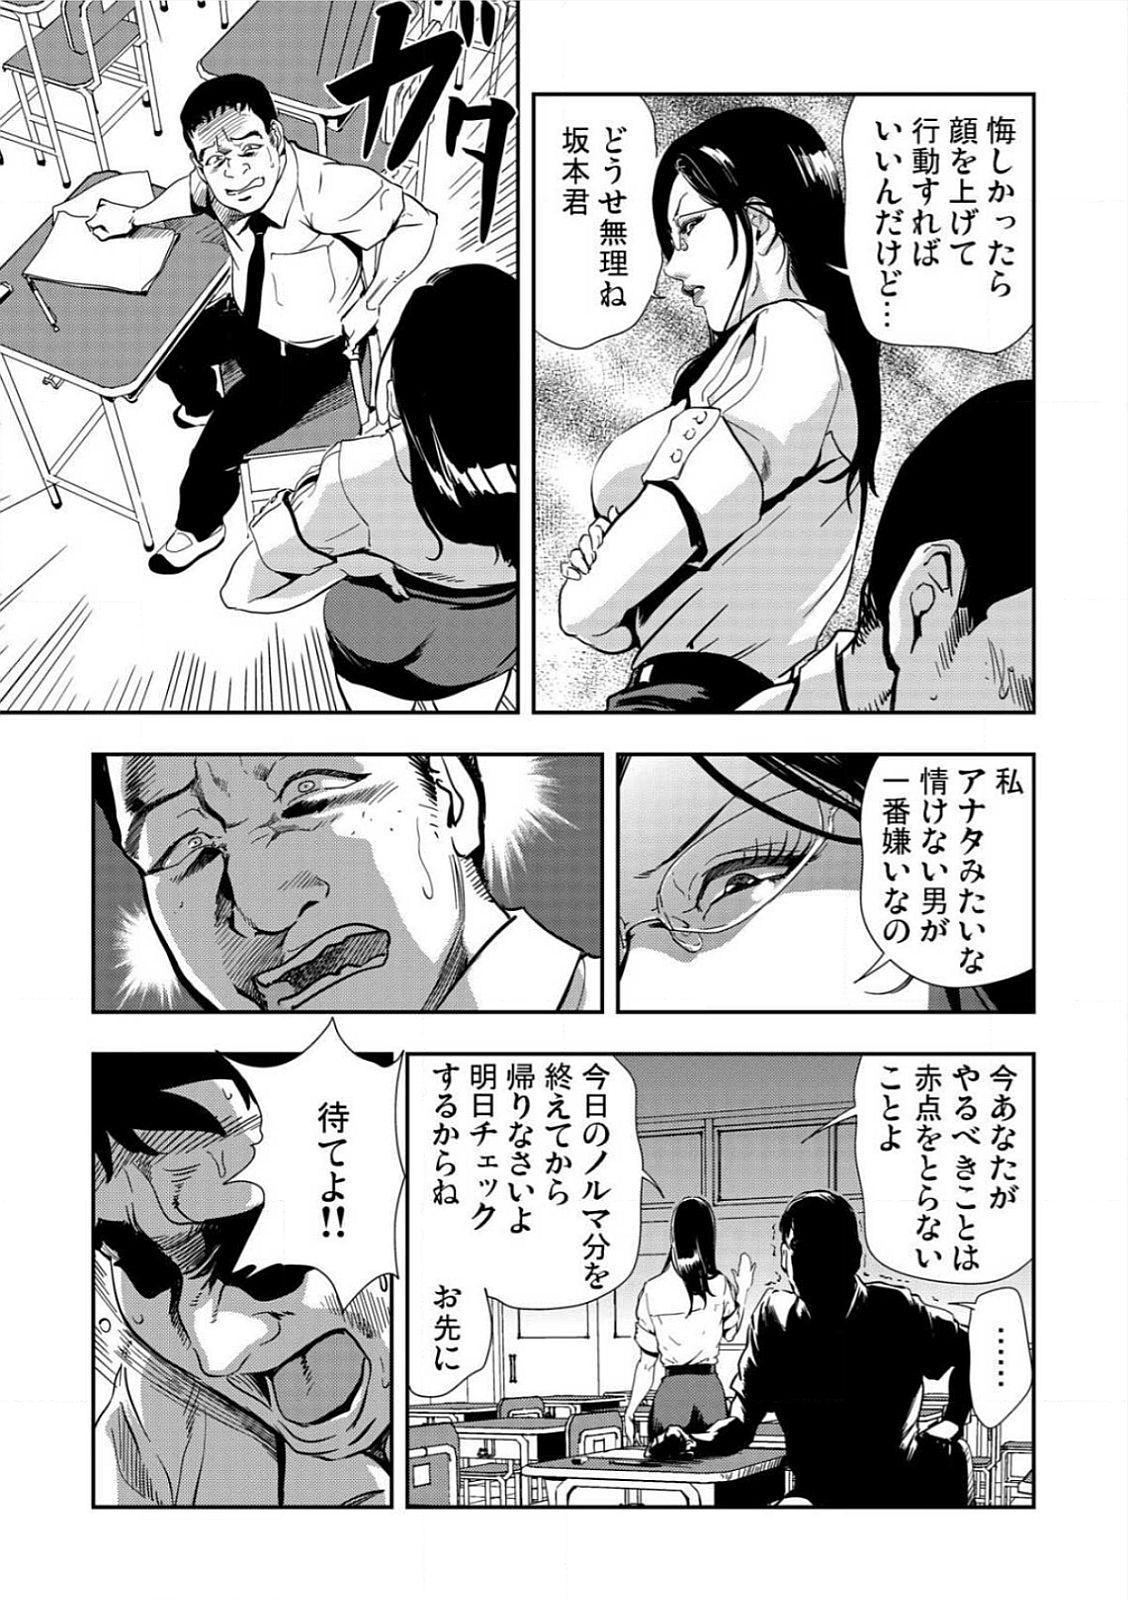 [Misaki Yukihiro] Kyousei Shidou ~Mechakucha ni Kegasarete~ (1)~(6) [Digital] 10